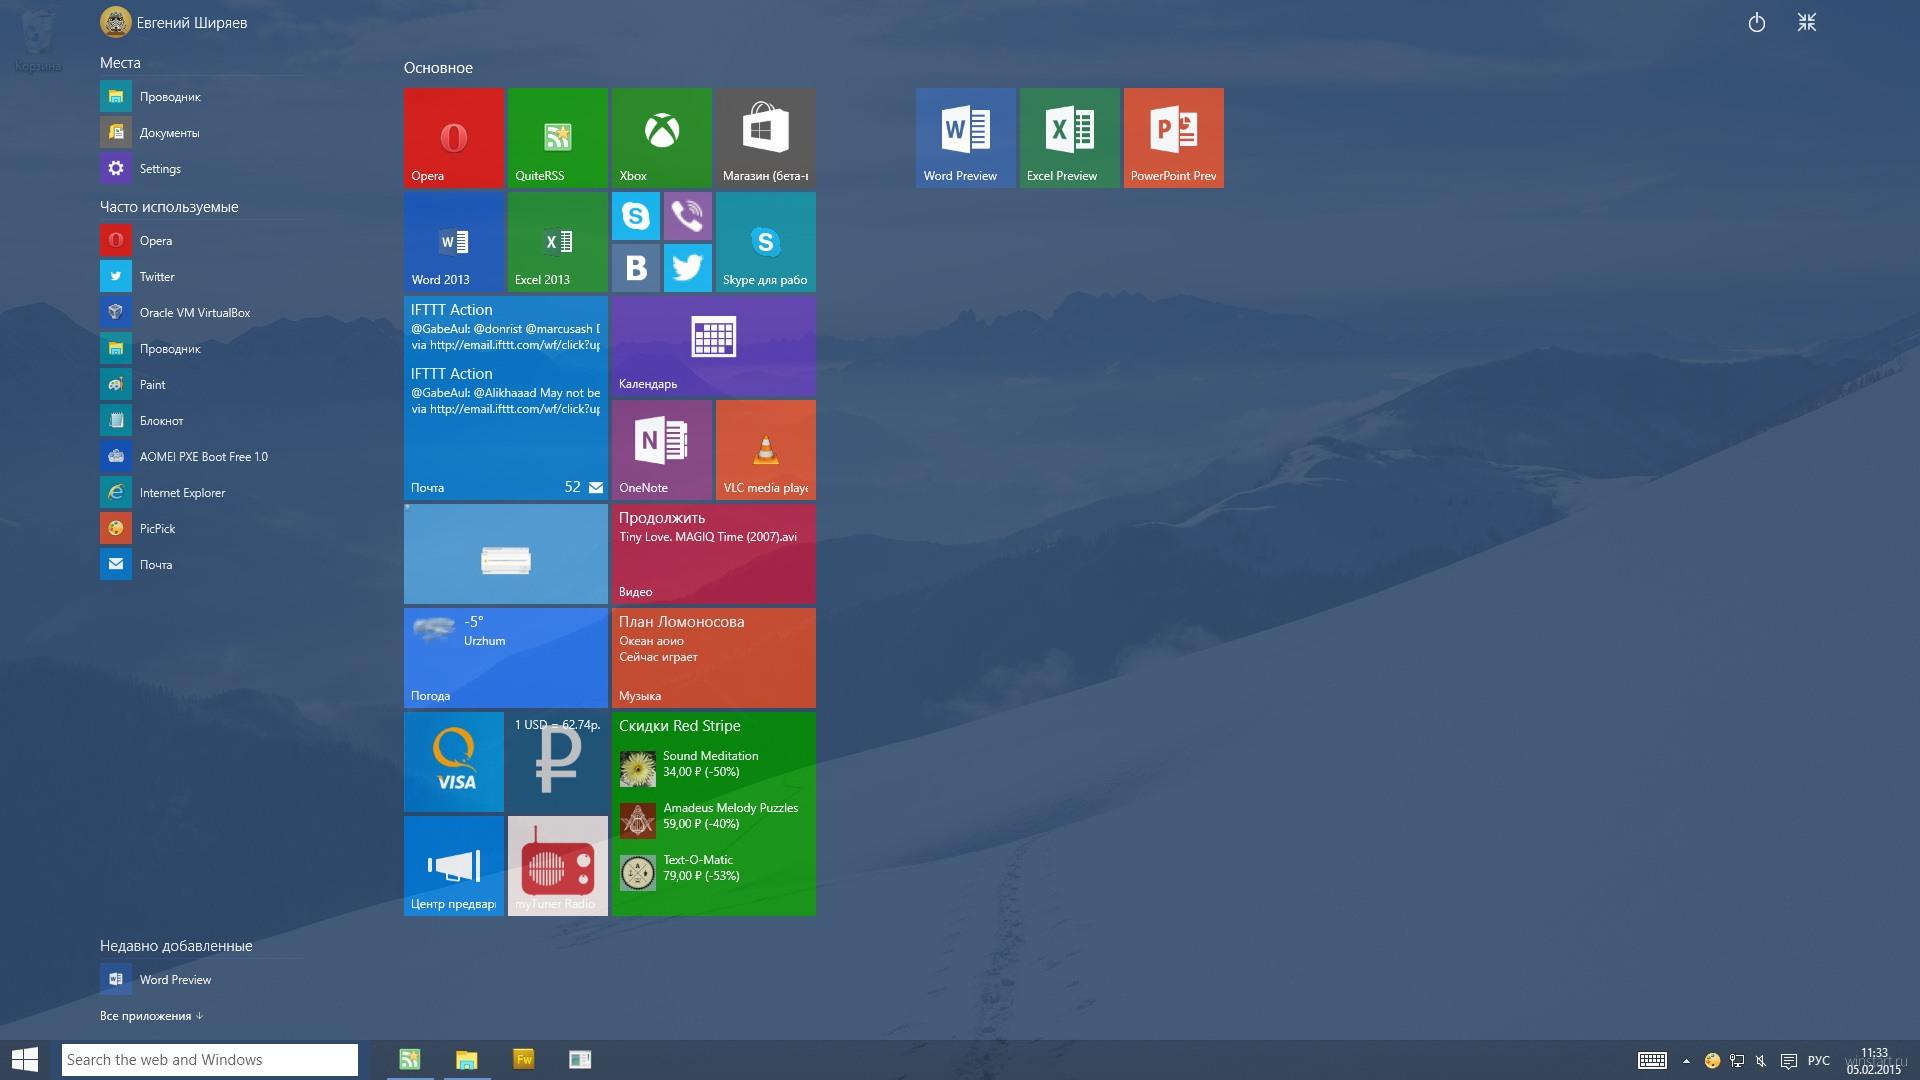 Windows 10 - Сделайте панель задач прозрачной. m 8